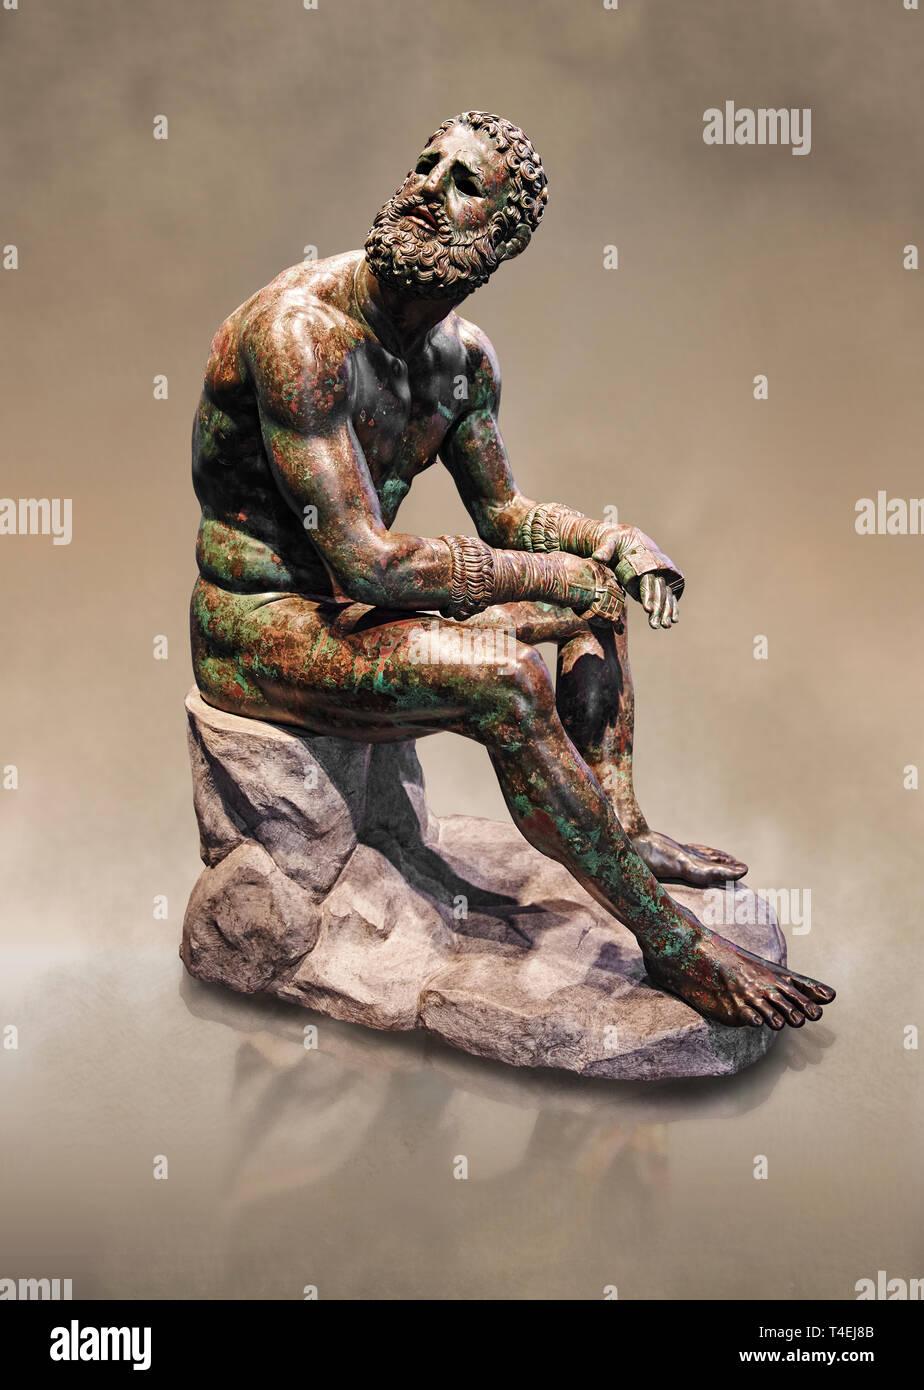 Raro griego original estatua de bronce de un atleta después de un combate de boxeo, un 1% BC. El atleta, sentado sobre una roca, está descansando después de un combate de boxeo Foto de stock